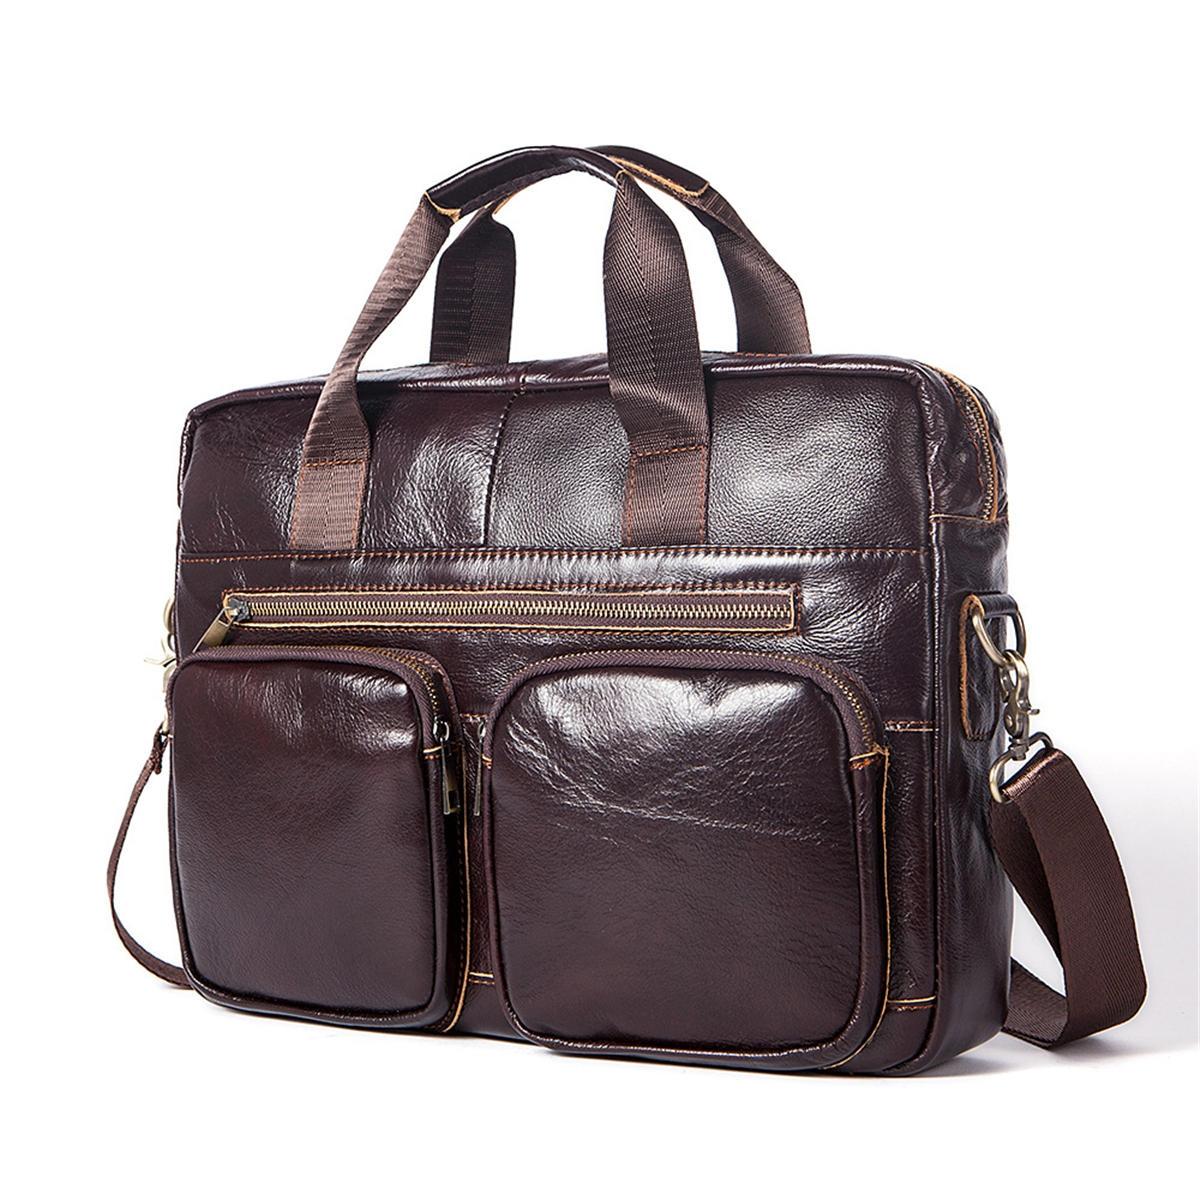 Män Äkta läder Fritid Business Portfölj Handväska axel blixtlås väska